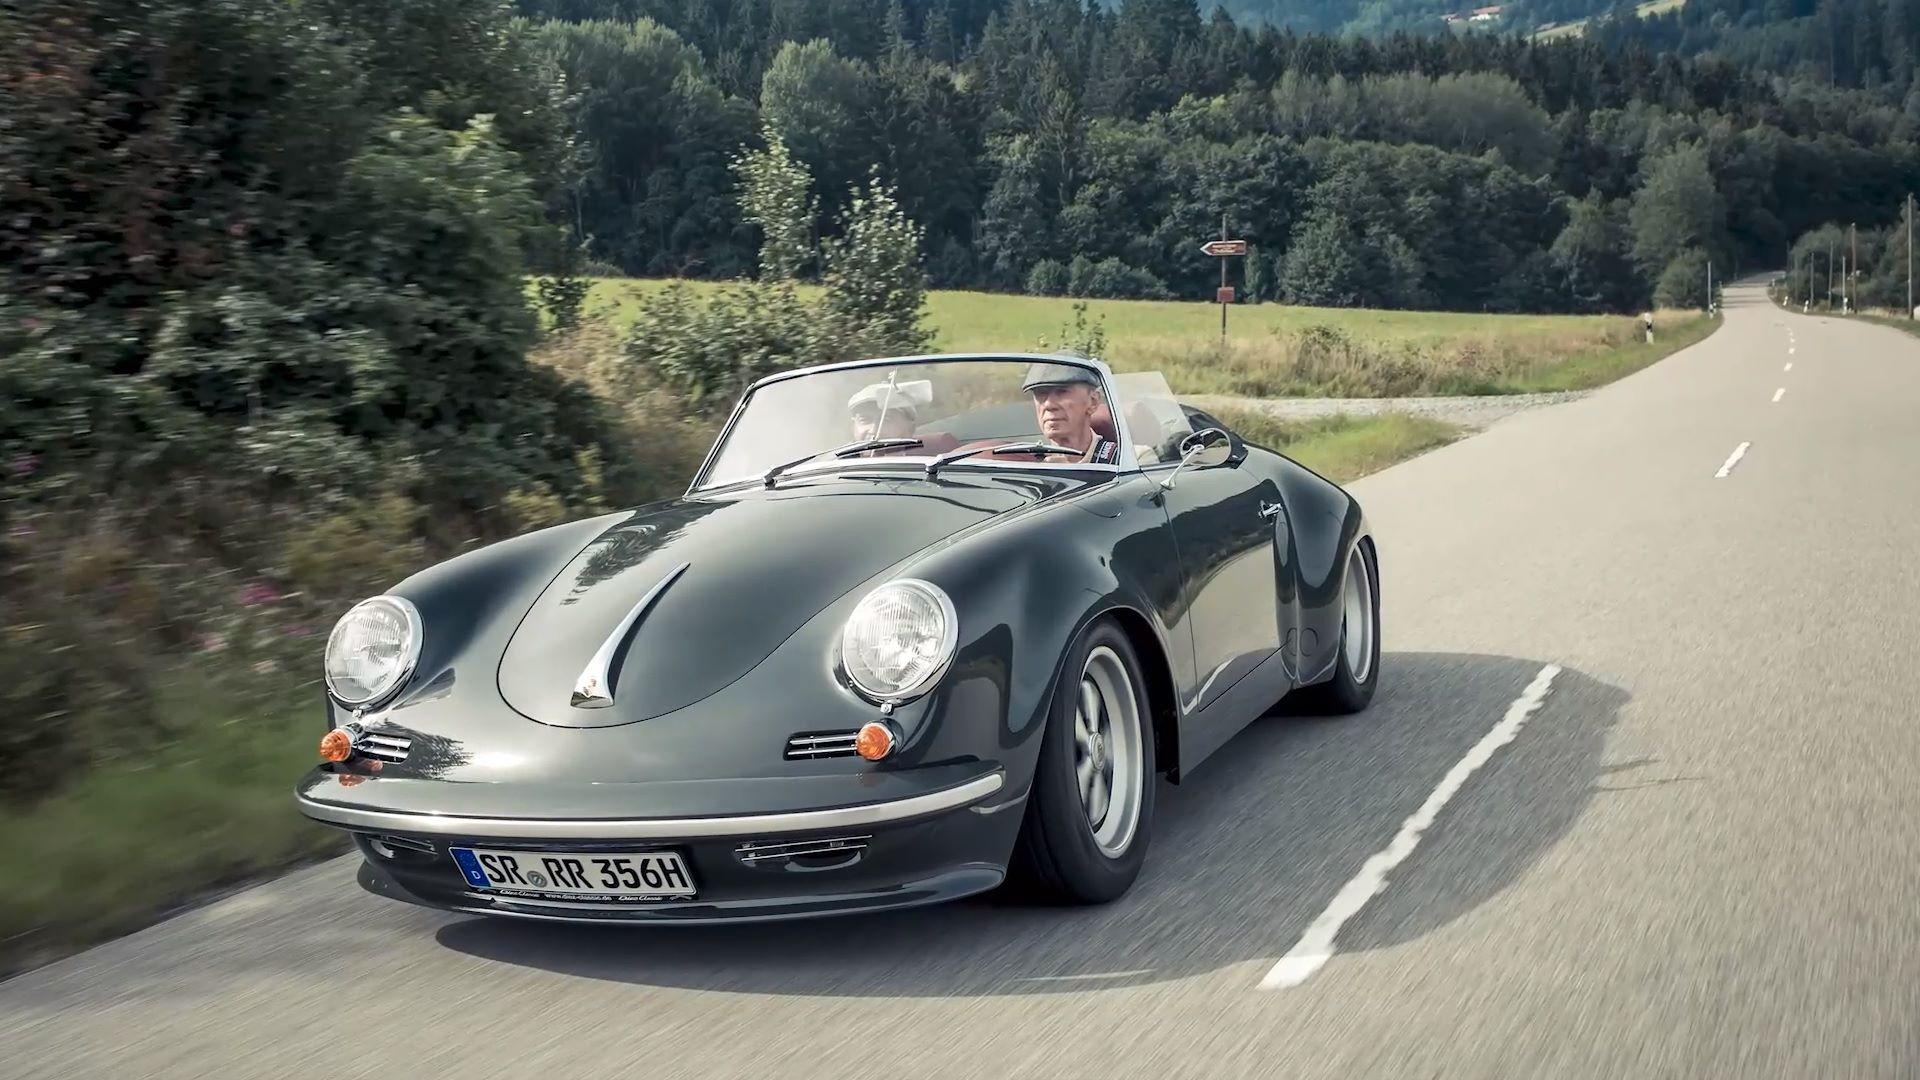 Porsche-356-930-Walter-Rohrl-03